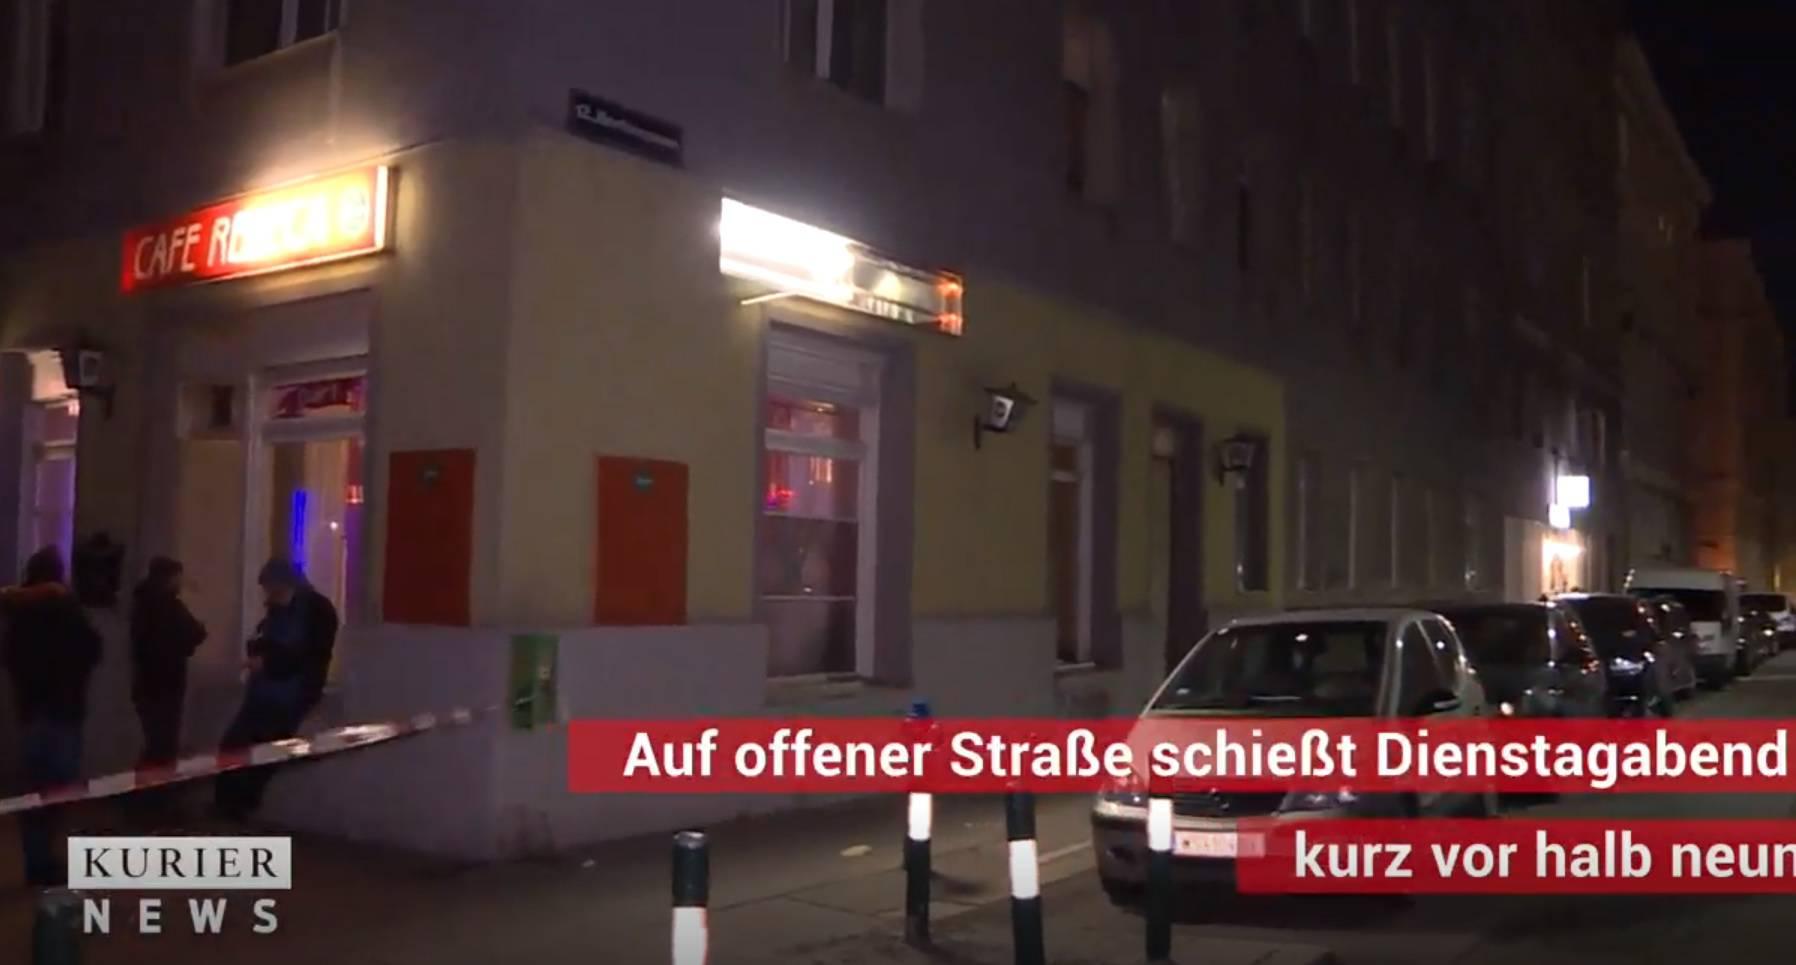 Željko u Beču na ulici pucao u bivšu djevojku pa sebi u glavu